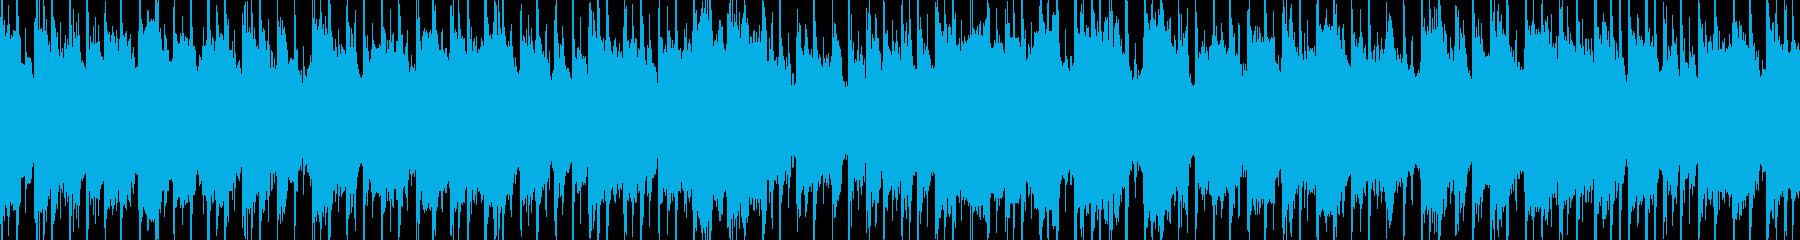 ループ素材 カントリー・バンジョー・西部の再生済みの波形